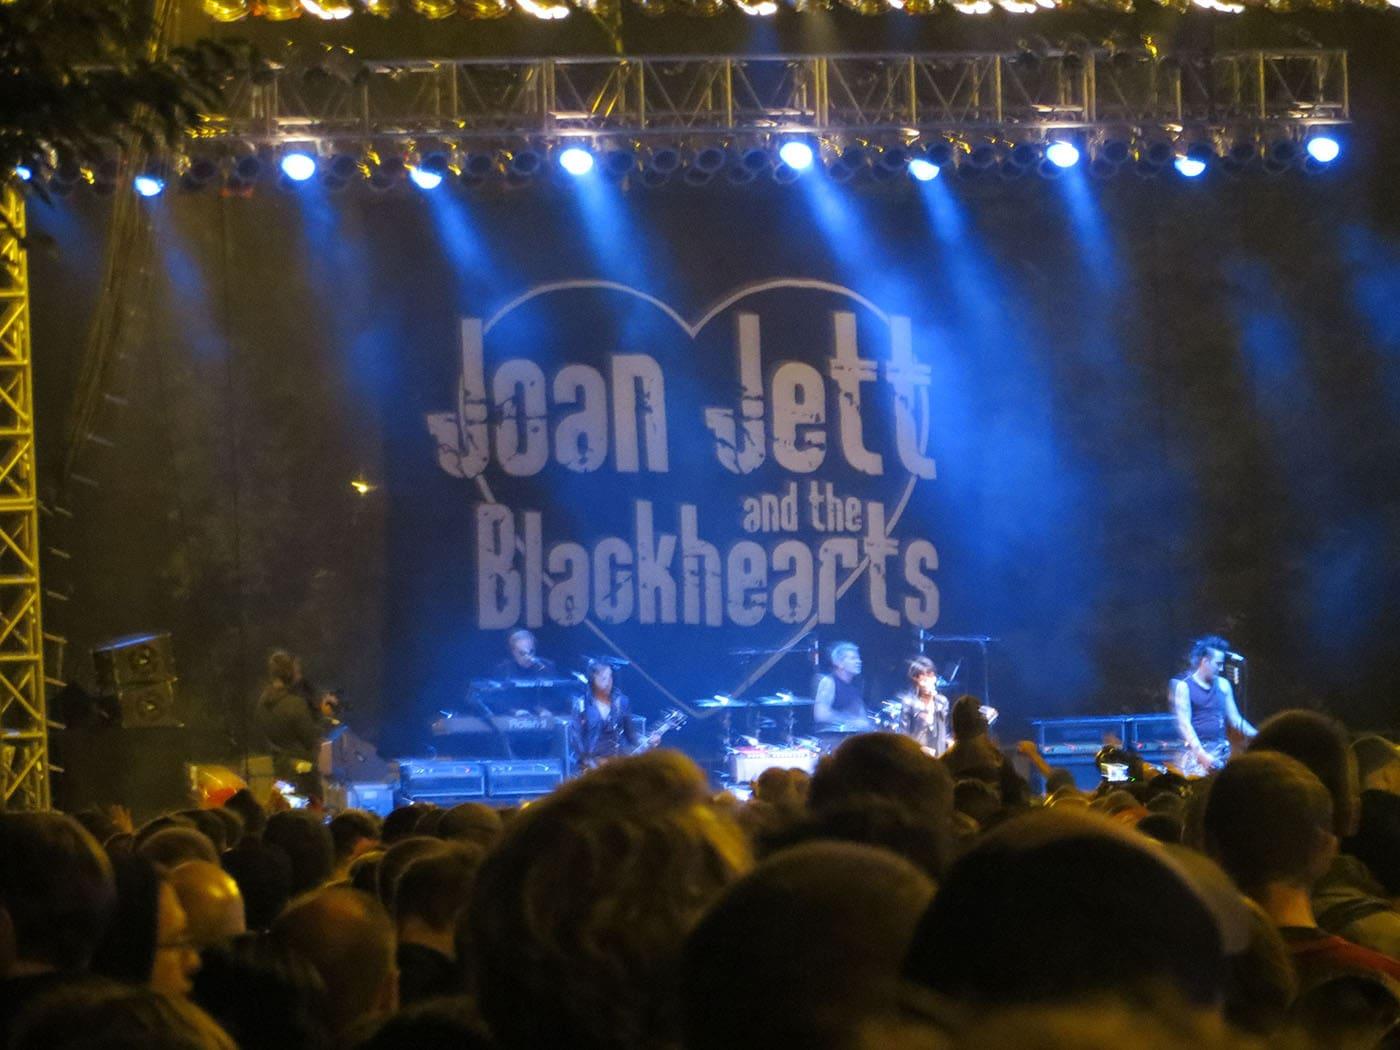 Joan Jett at Riot Fest Chicago 2013